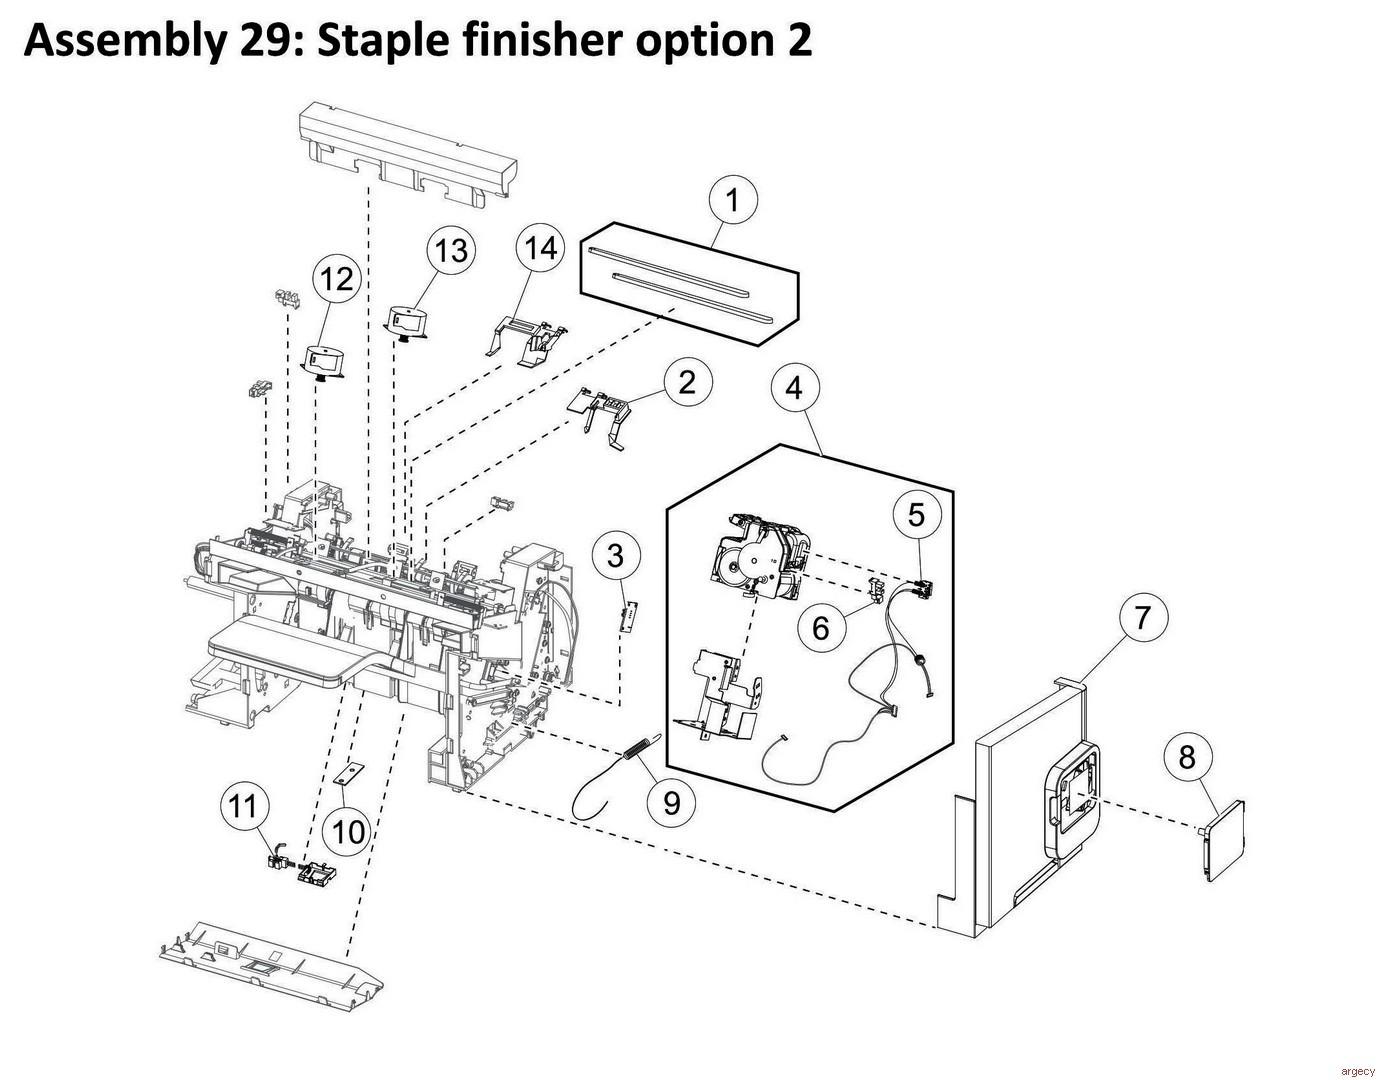 https://www.argecy.com/images/MX81x_MX71x-Parts-745_cr.jpg